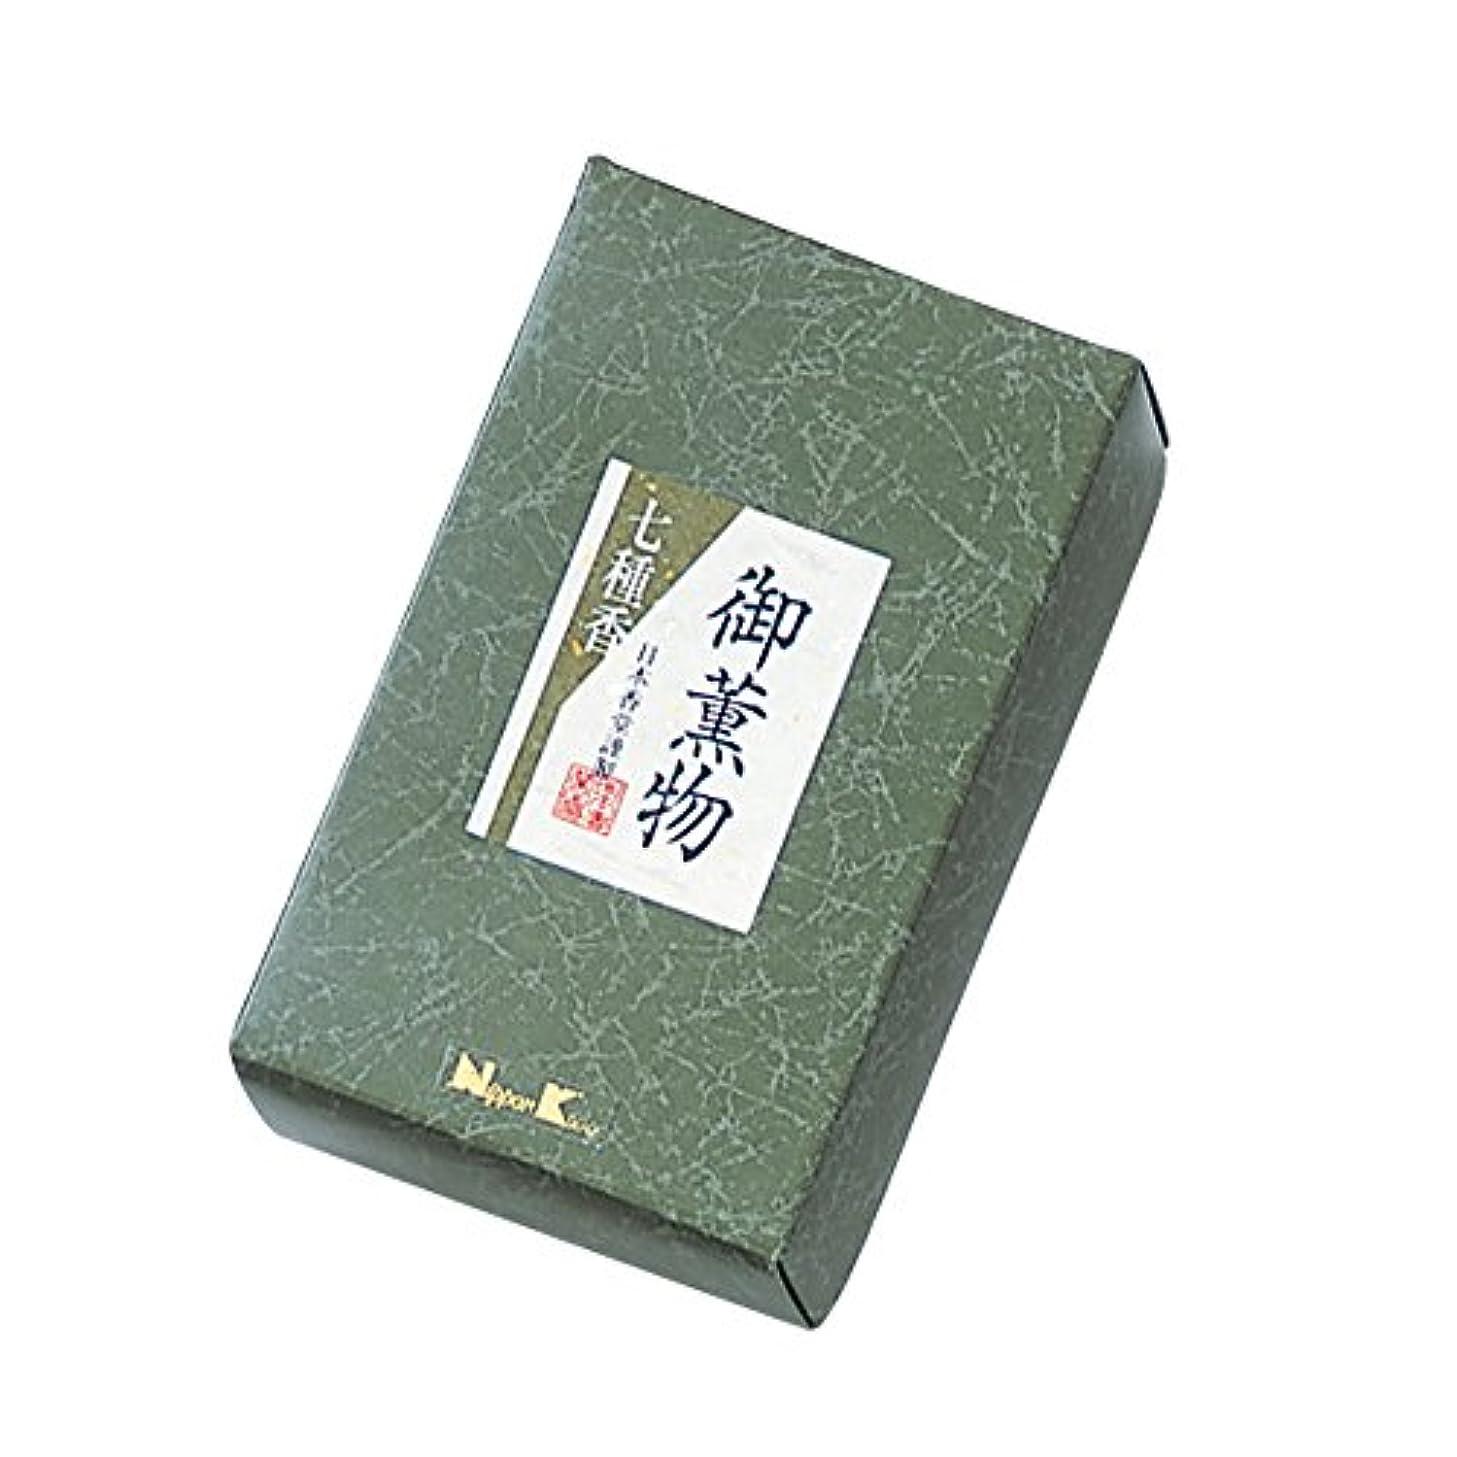 アサー気分堀御薫物七種香 125g